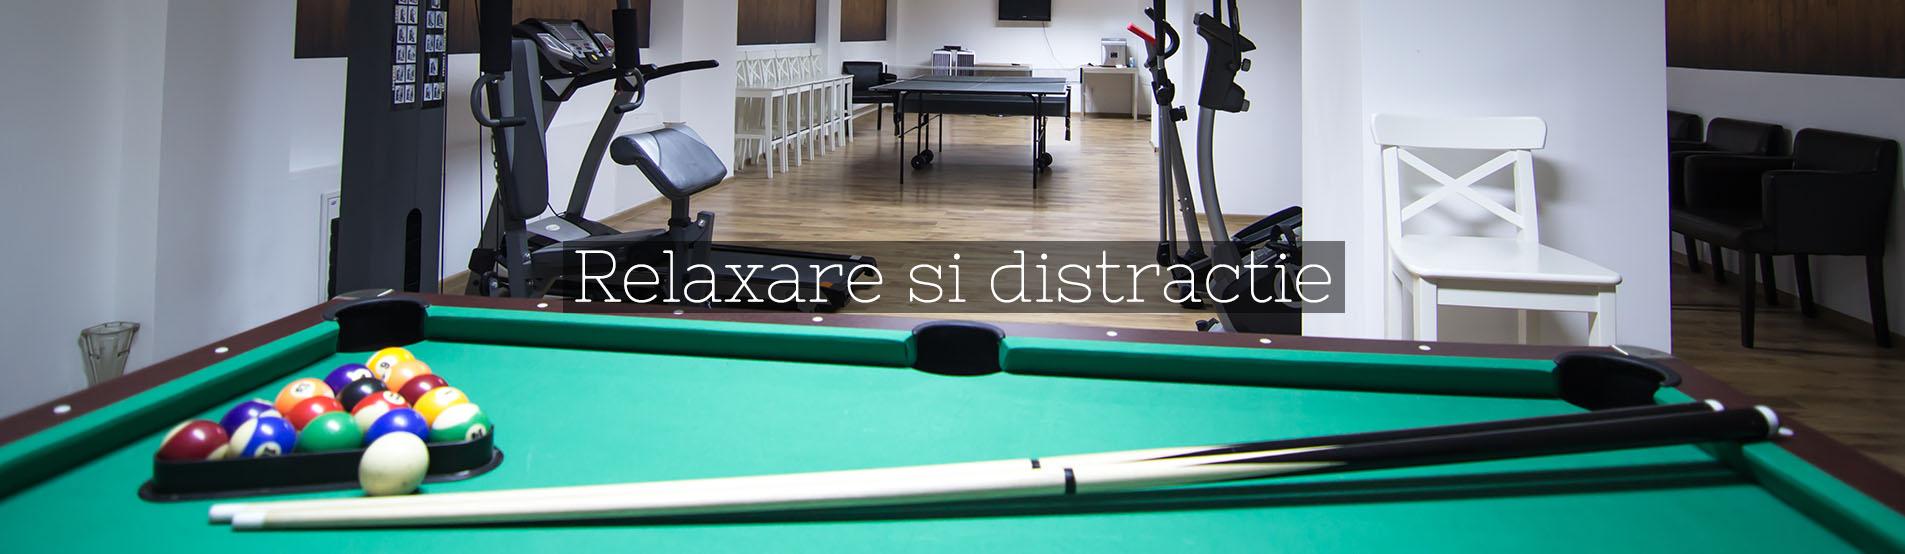 Pensiunea Constantin - Zona de relaxare care include masa de ping-pong, masa de biliard si aparate fitness